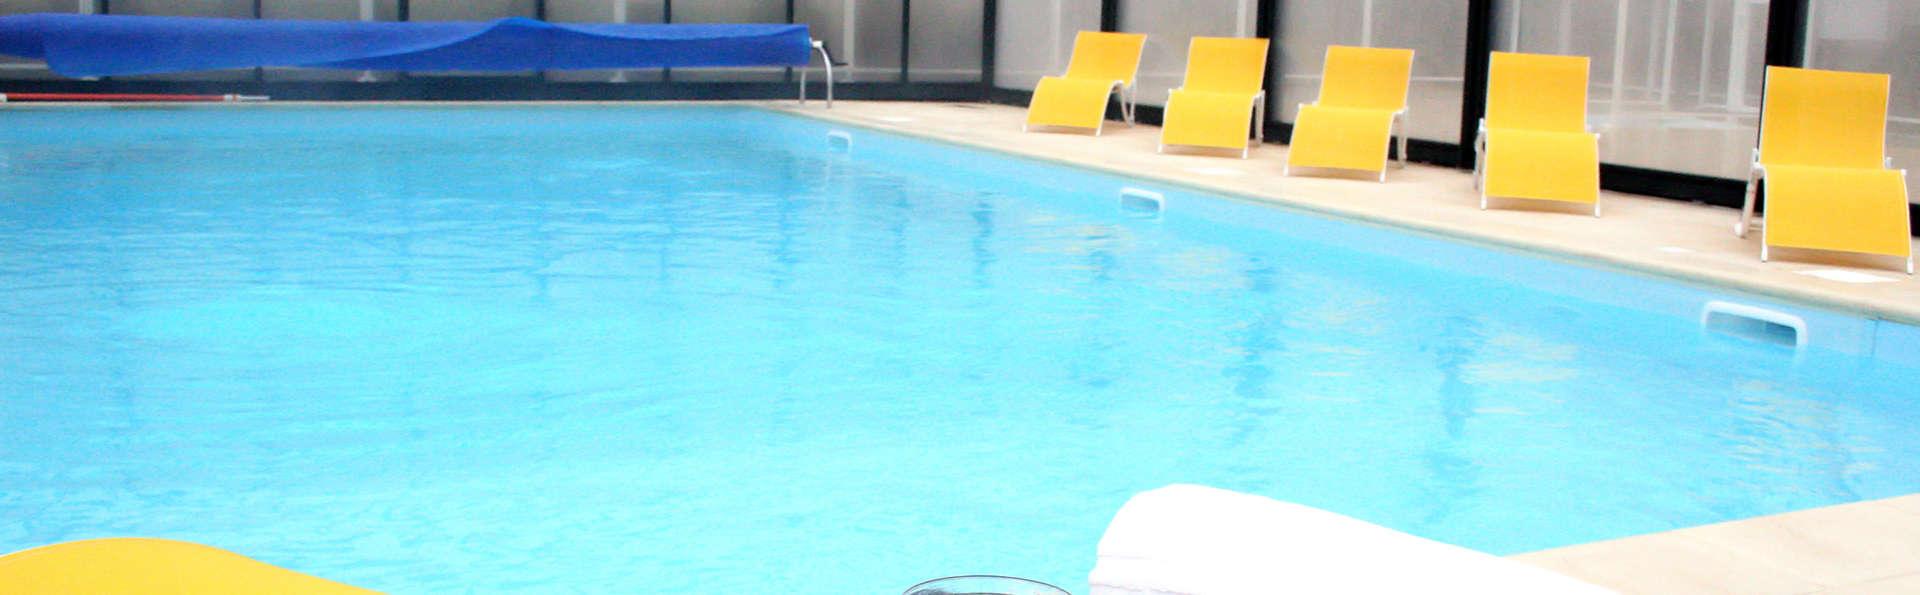 Vacancéole - Résidence Duguesclin - Edit_Pool.jpg